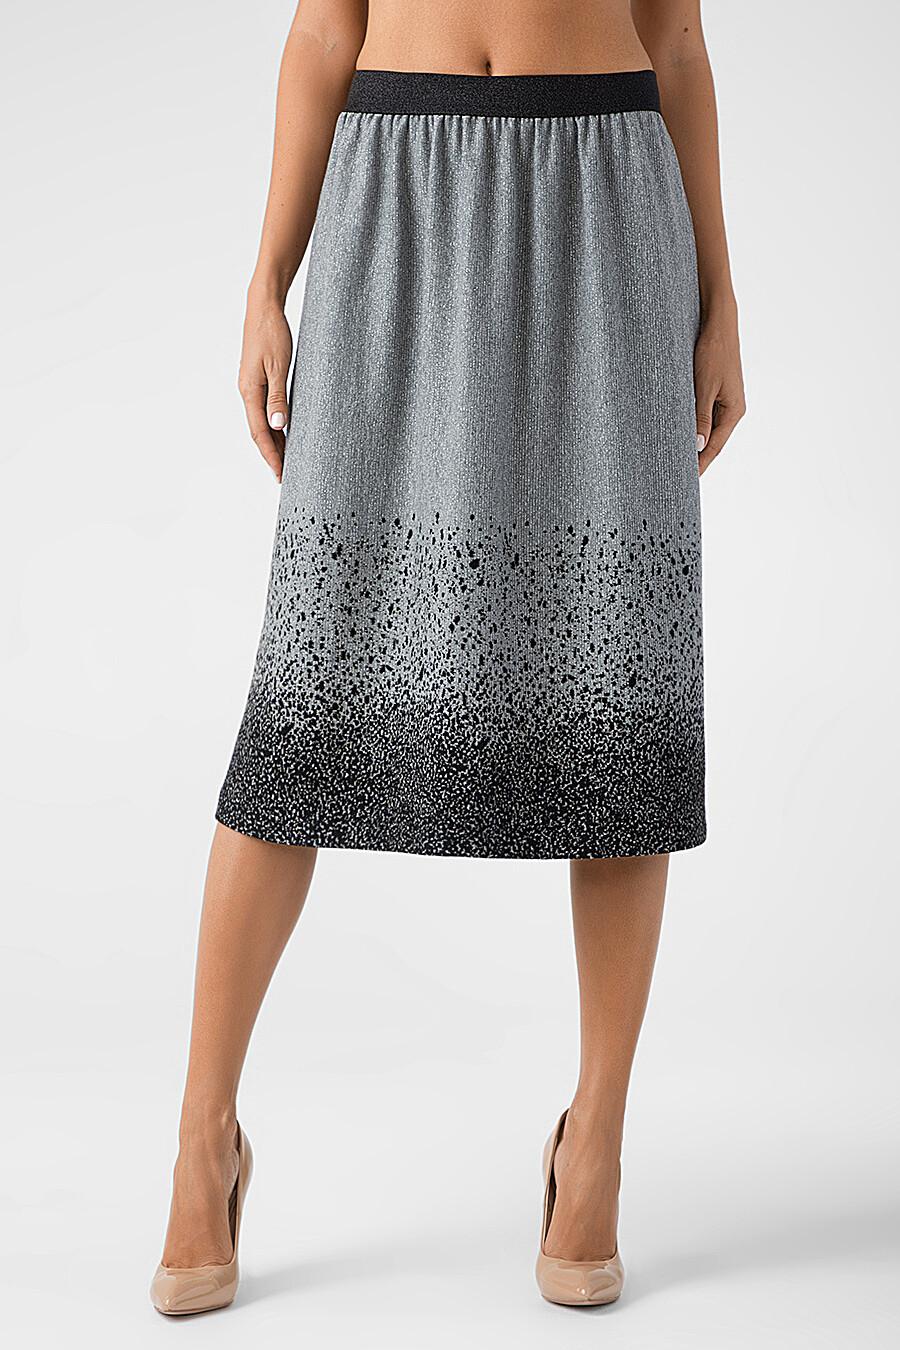 Юбка для женщин CONTE ELEGANT 160358 купить оптом от производителя. Совместная покупка женской одежды в OptMoyo